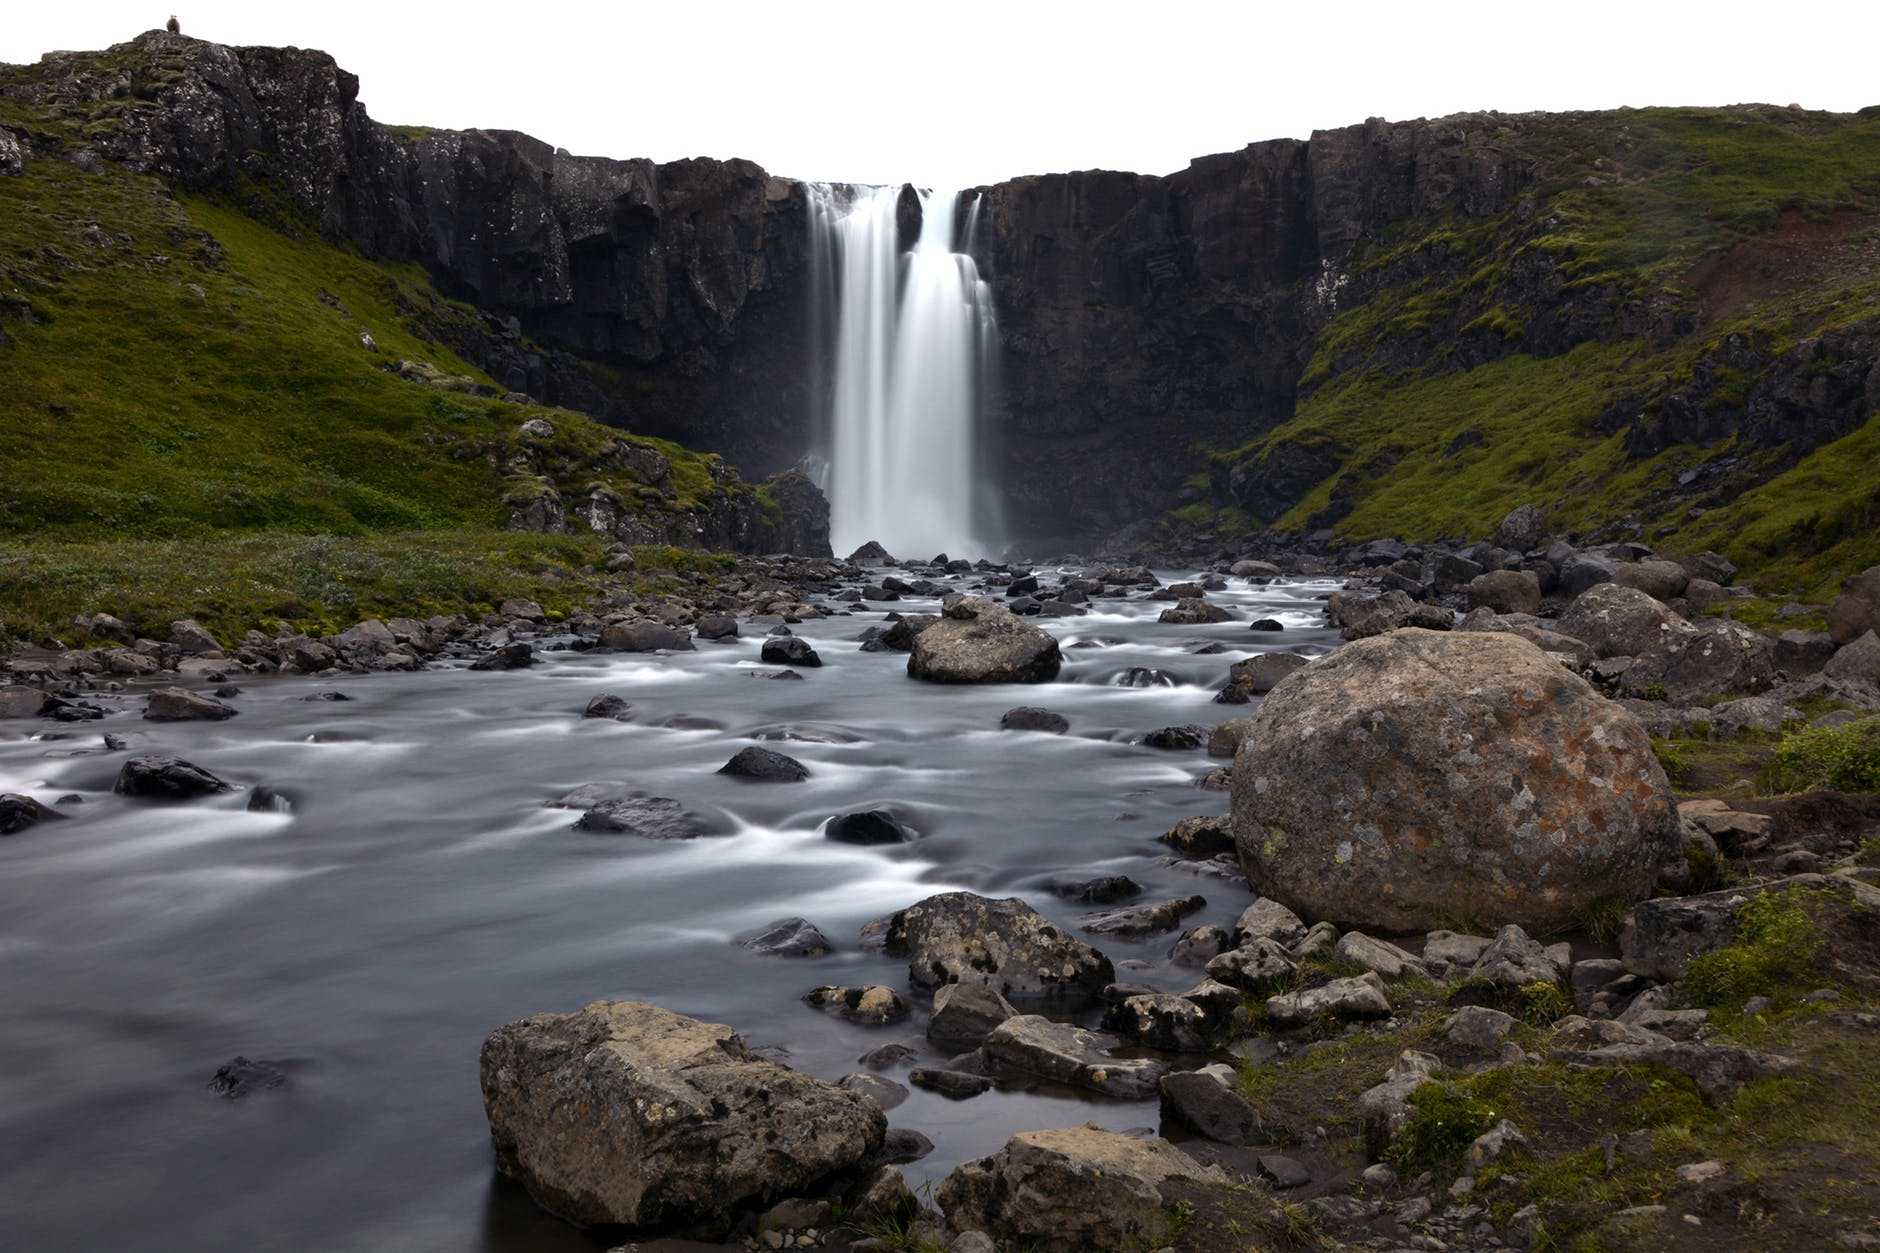 Wat hij zegt – Ik ga bijna naar IJsland (beste Valentijnscadeau ooit!)